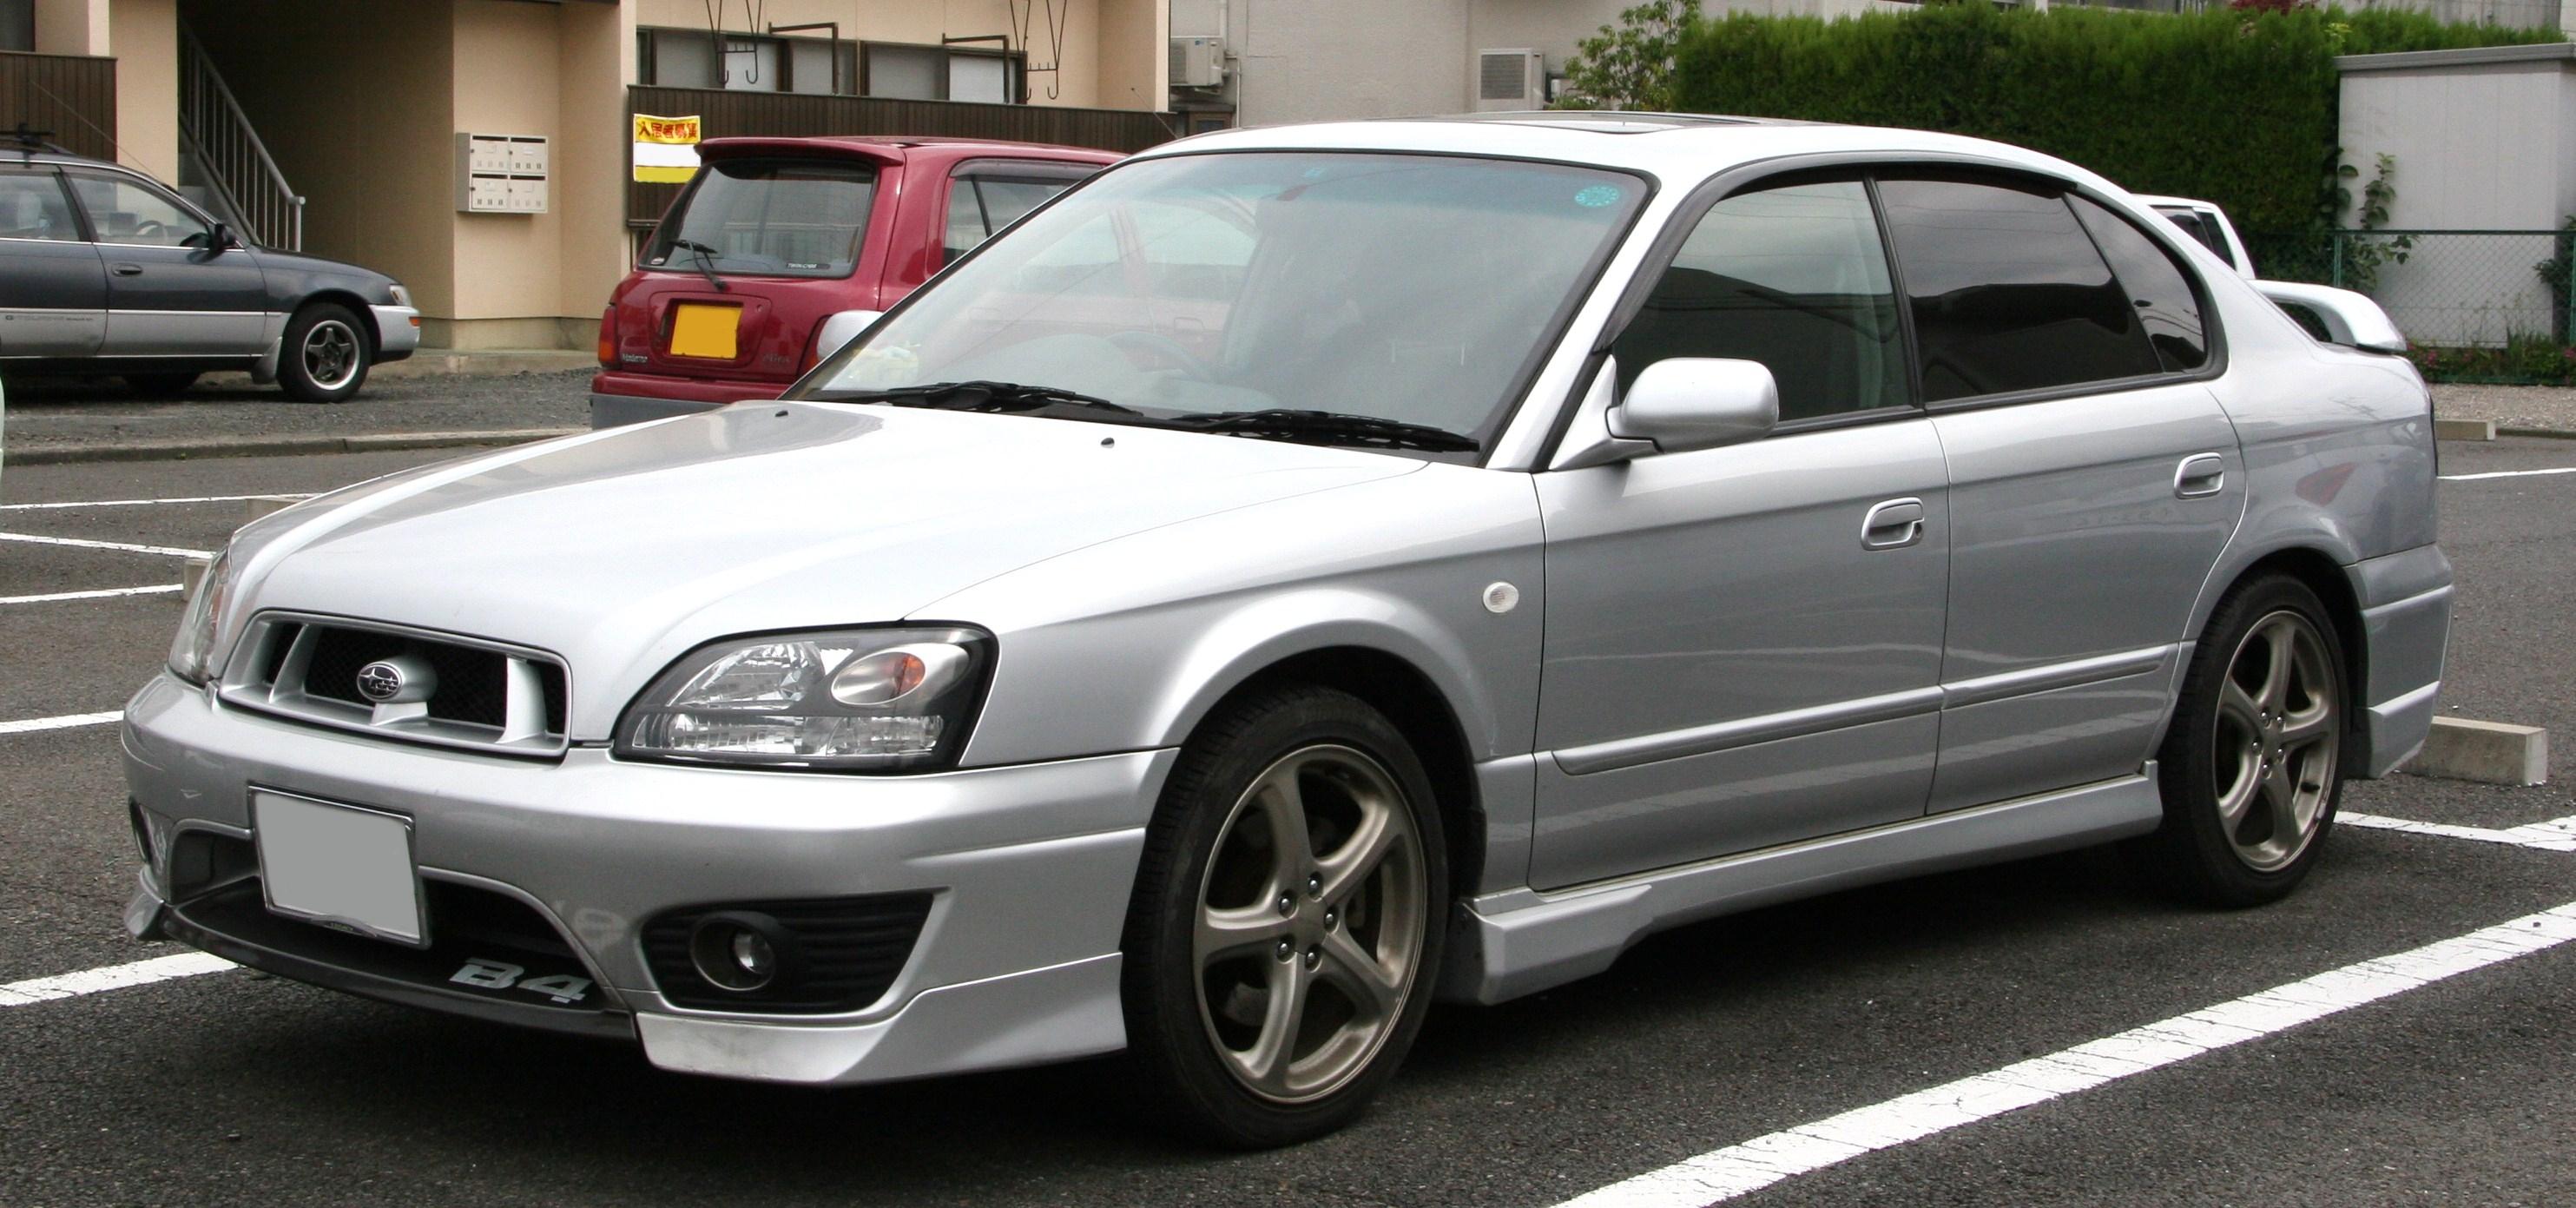 תוספת File:Subaru Legacy B4.jpg - Wikimedia Commons JJ-53